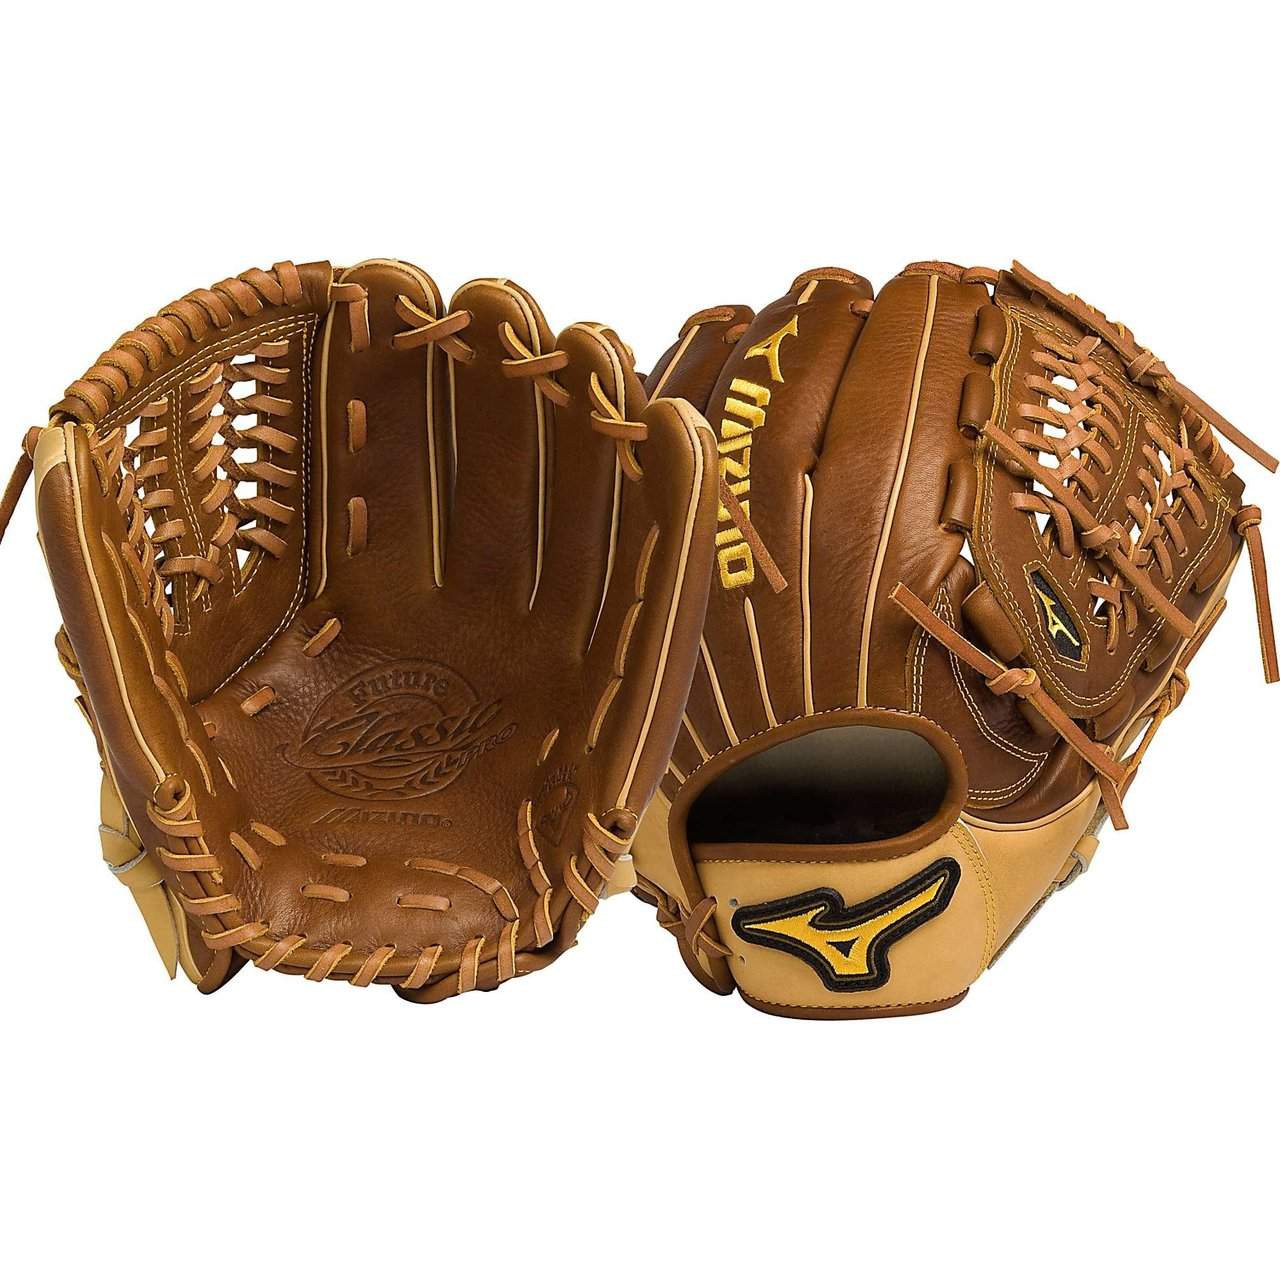 mizuno-classic-pro-future-gcp10f-12-youth-baseball-glove-right-handed-throw GCP10F-Right Handed Throw Mizuno 041969457146 Mizuno Pro Future series is designed for serious youth baseball players